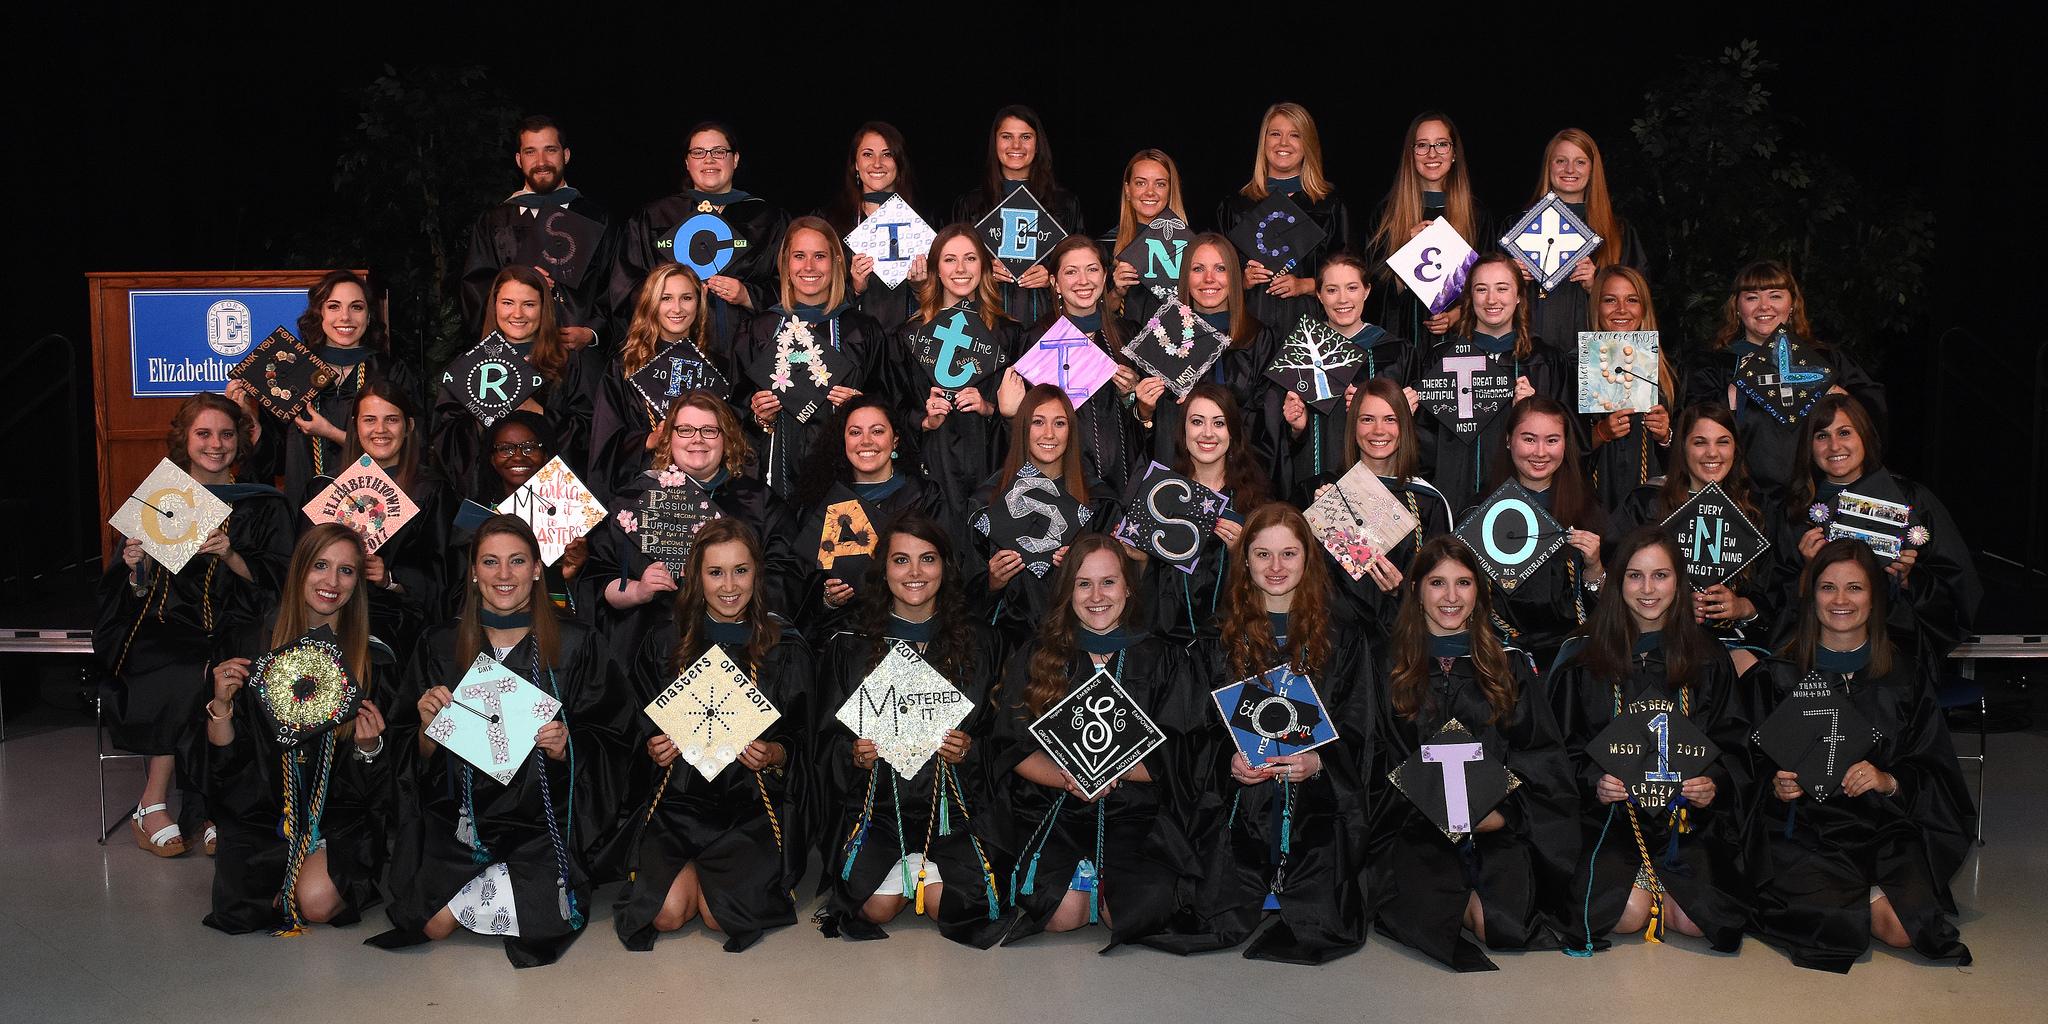 39 graduates in academic regalia holding caps